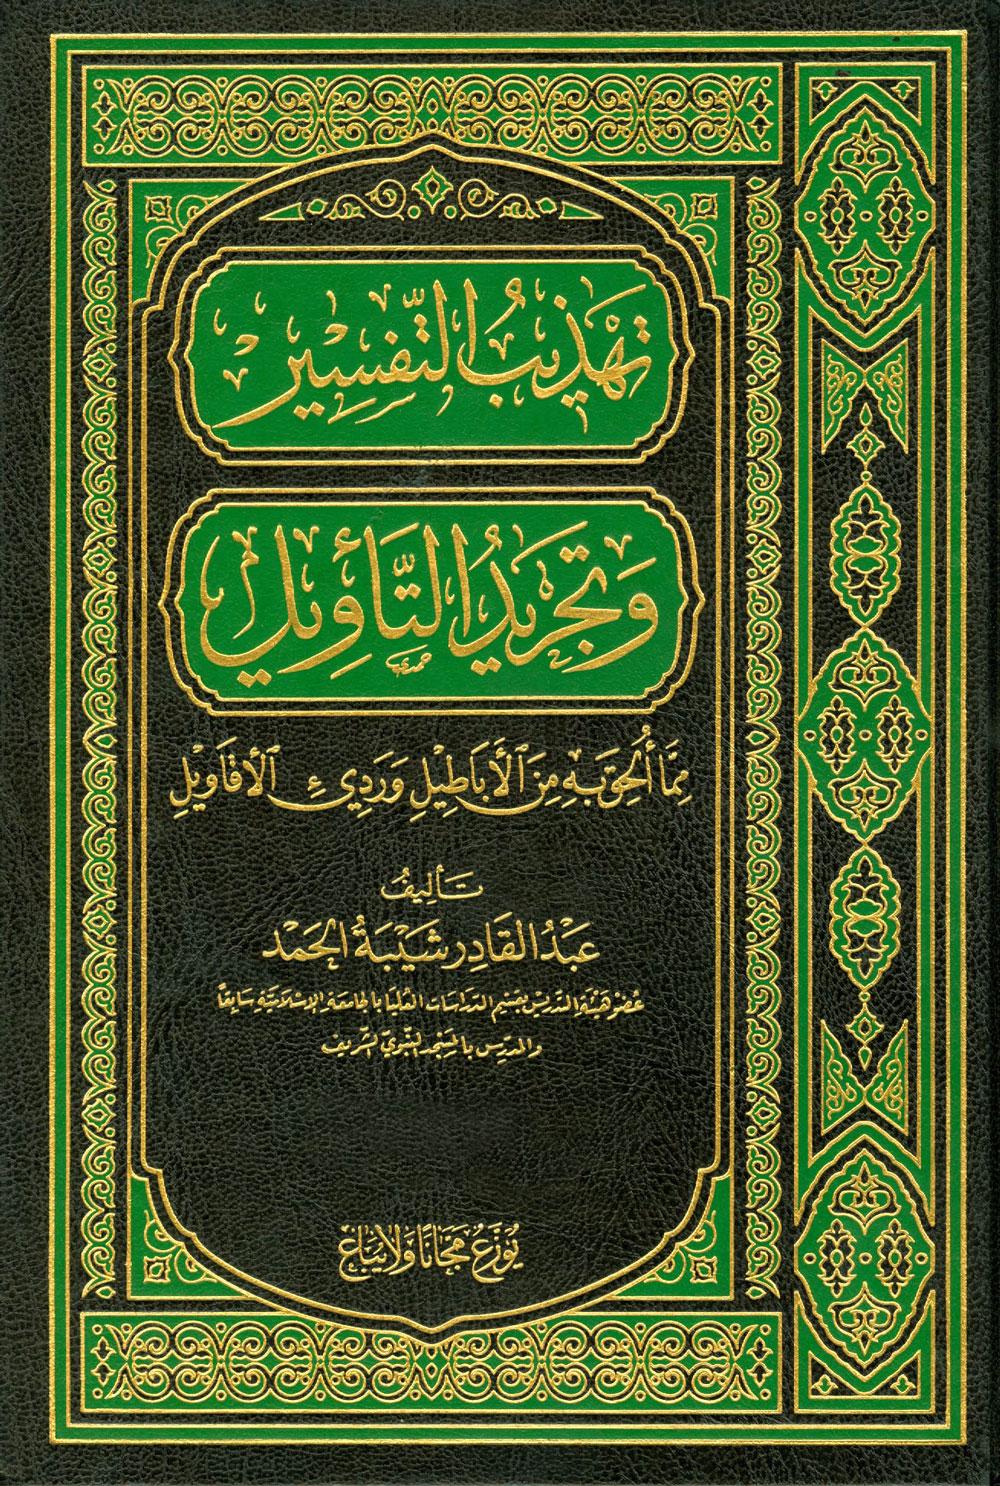 سورة التوبة تسمى أيضاً سورة براءة وهي آخر سورة نزلت من القرآن